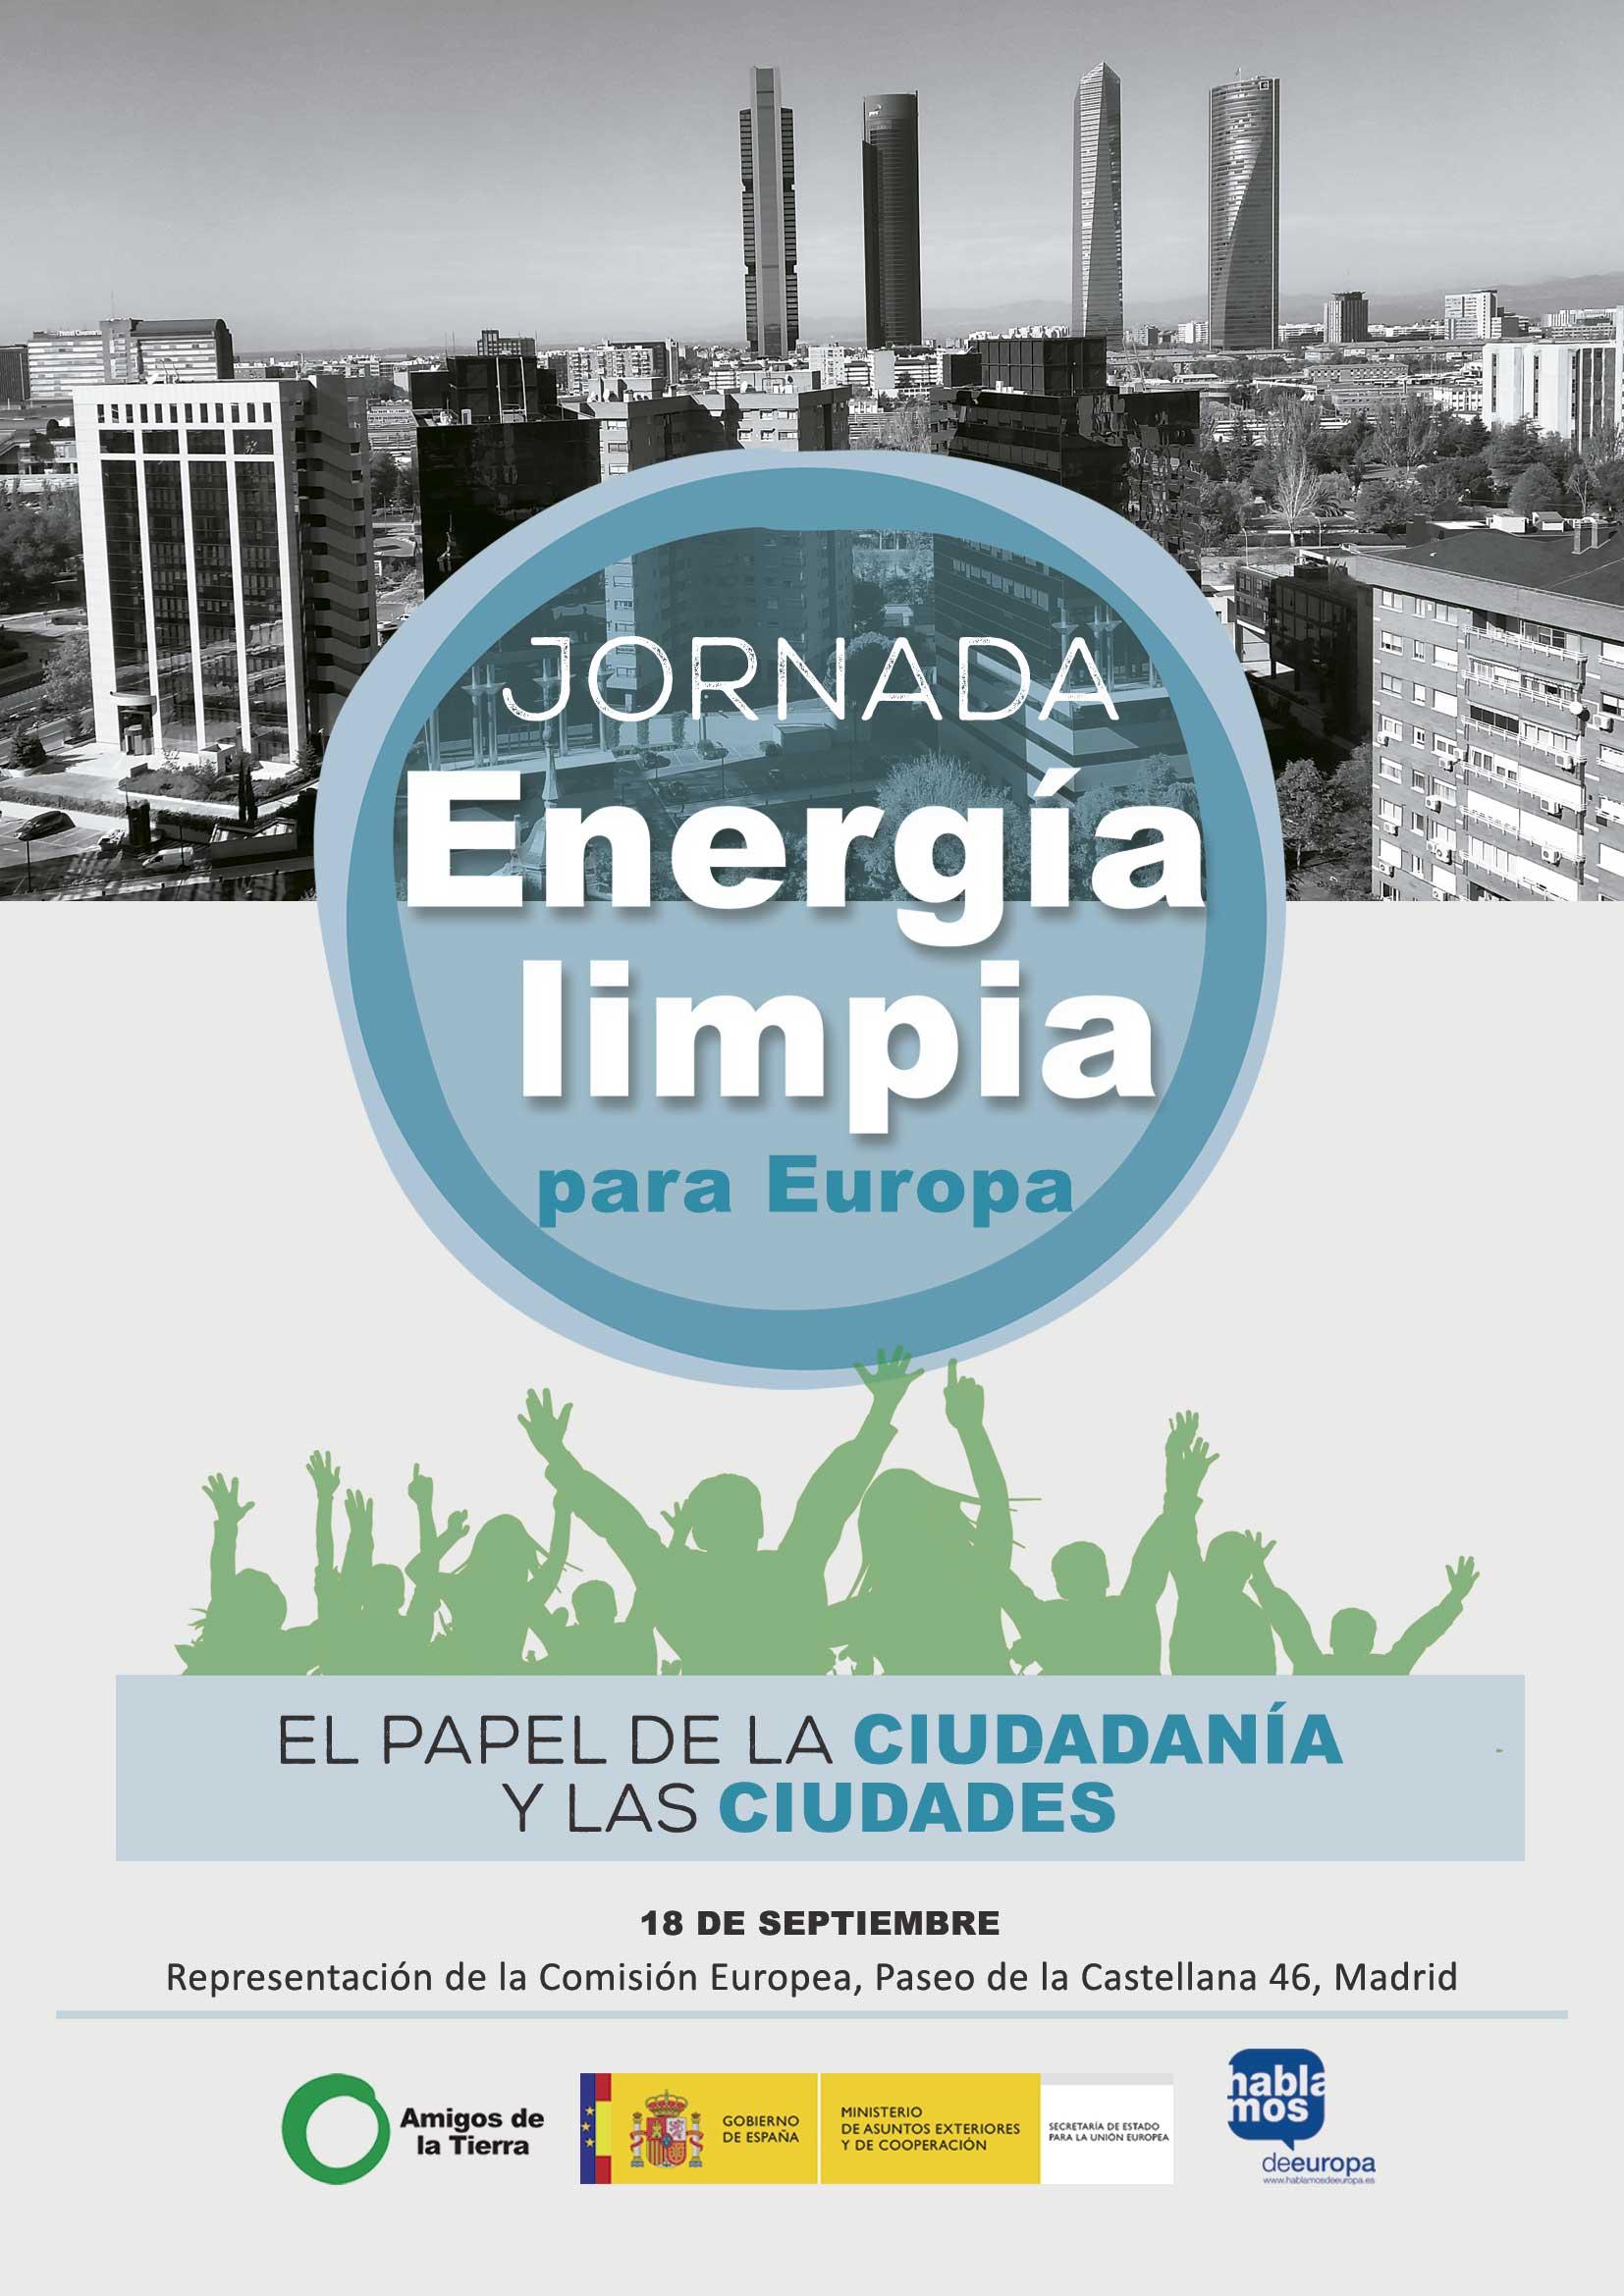 Ir a Madrid. Jornada: Energía Limpia para Europa, el papel de la ciudadanía y las ciudades